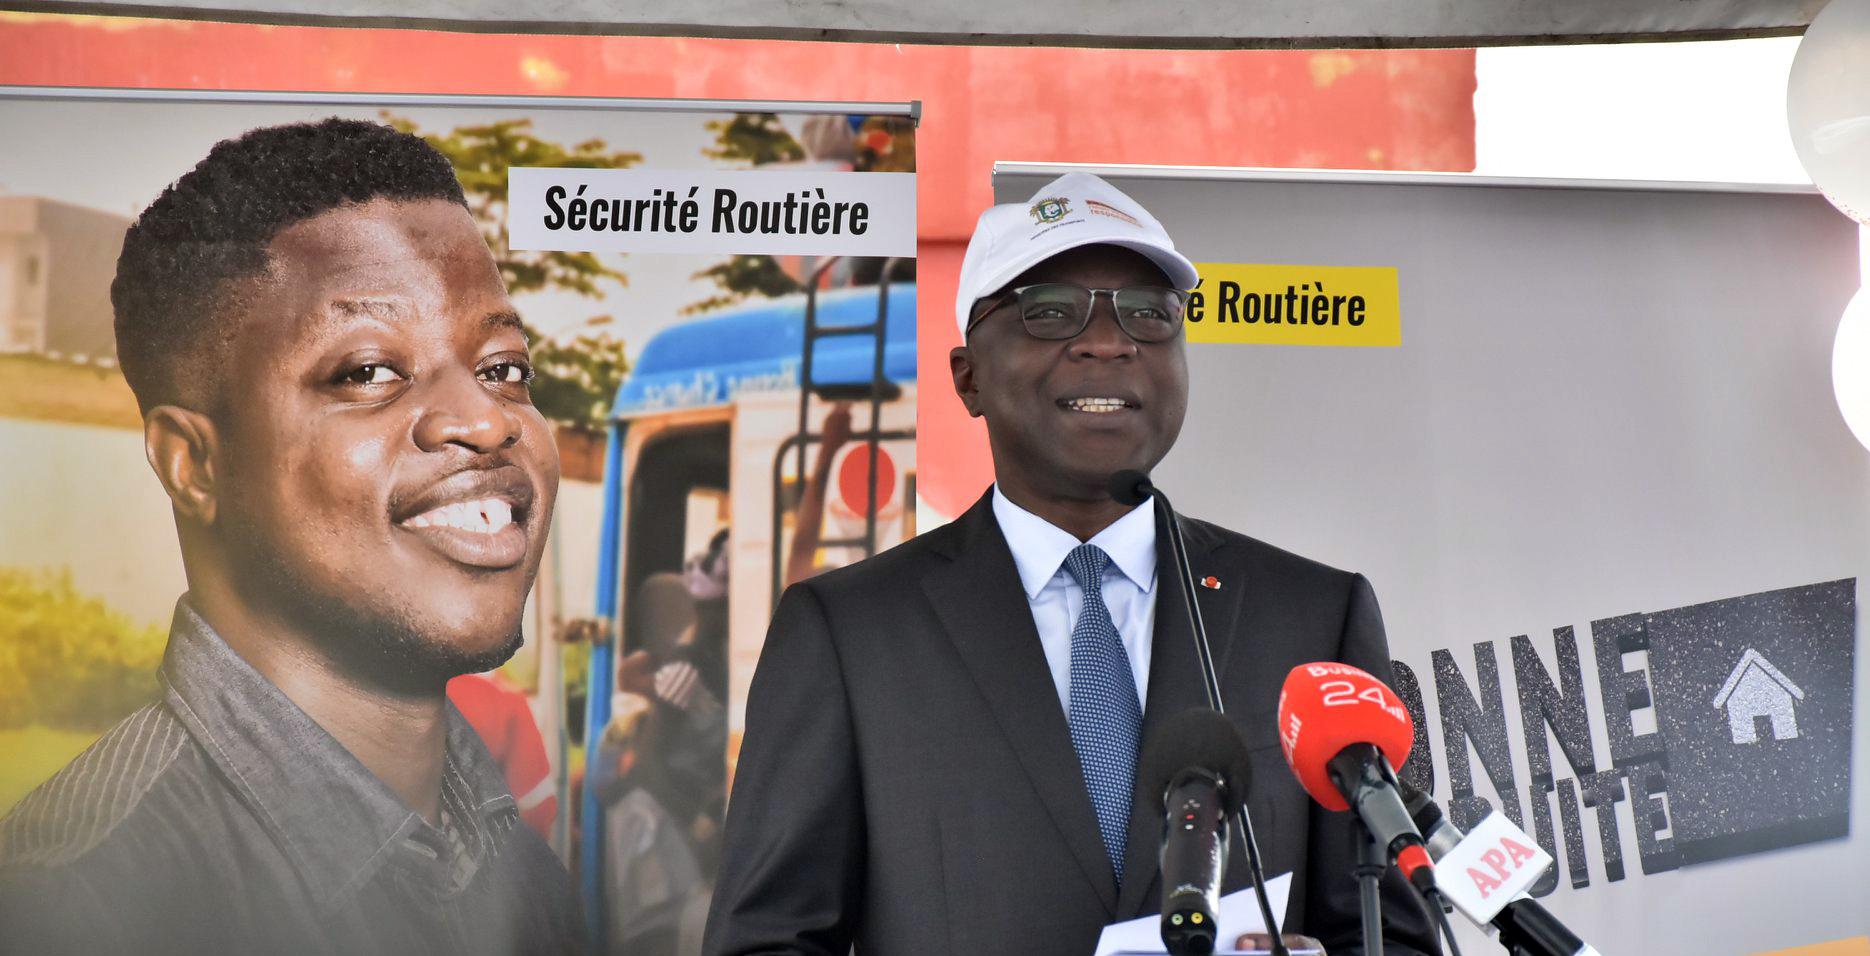 Exonération des frais de douane pour les entreprises de transports agrées en Côte d'Ivoire